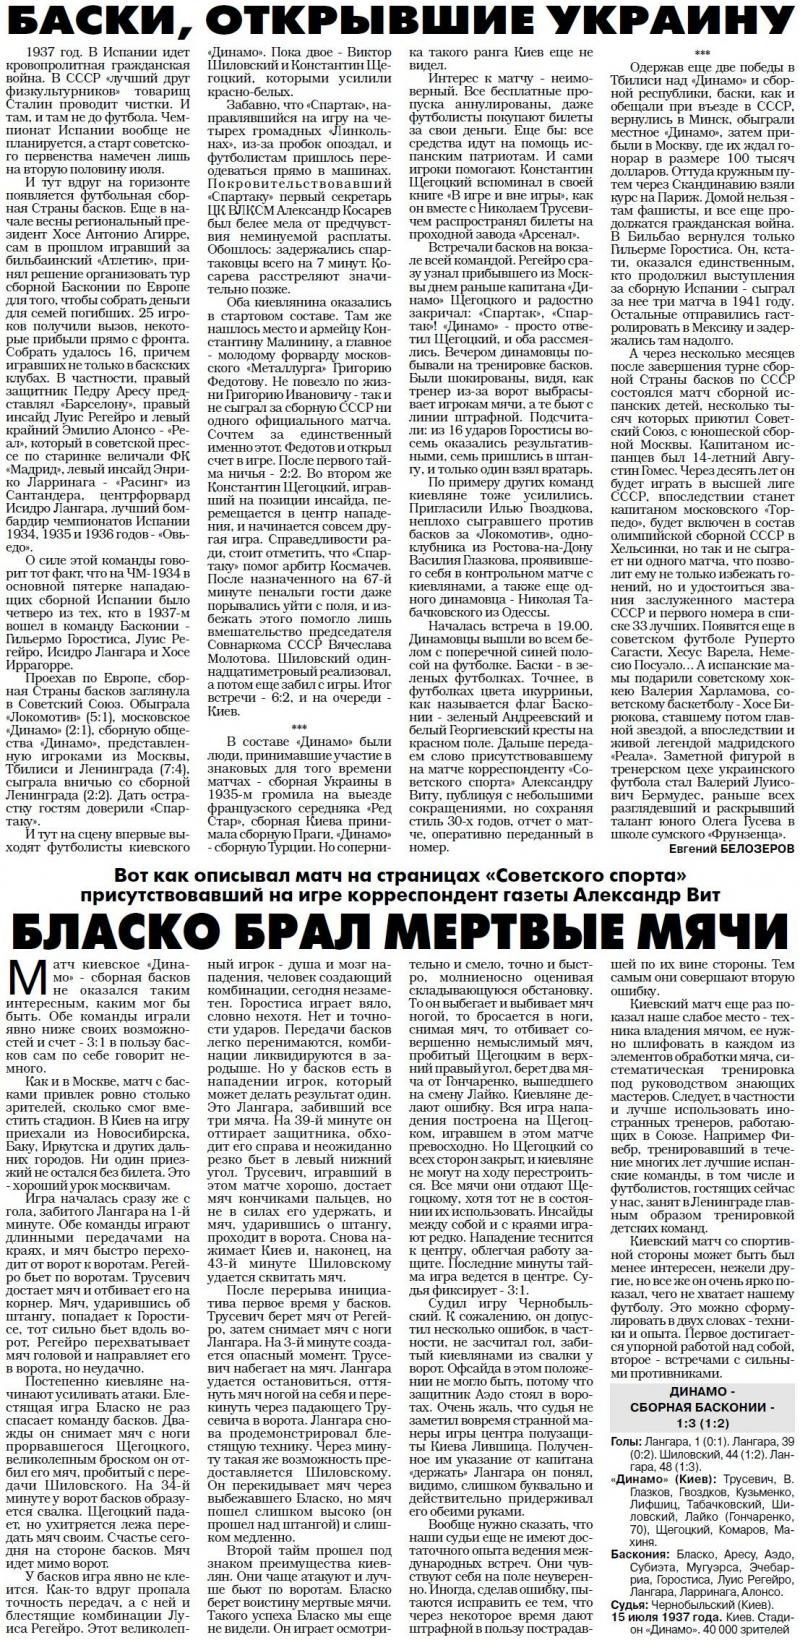 Динамо (Киев) - Сборная Басконии (Испания) 1:3. Нажмите, чтобы посмотреть истинный размер рисунка